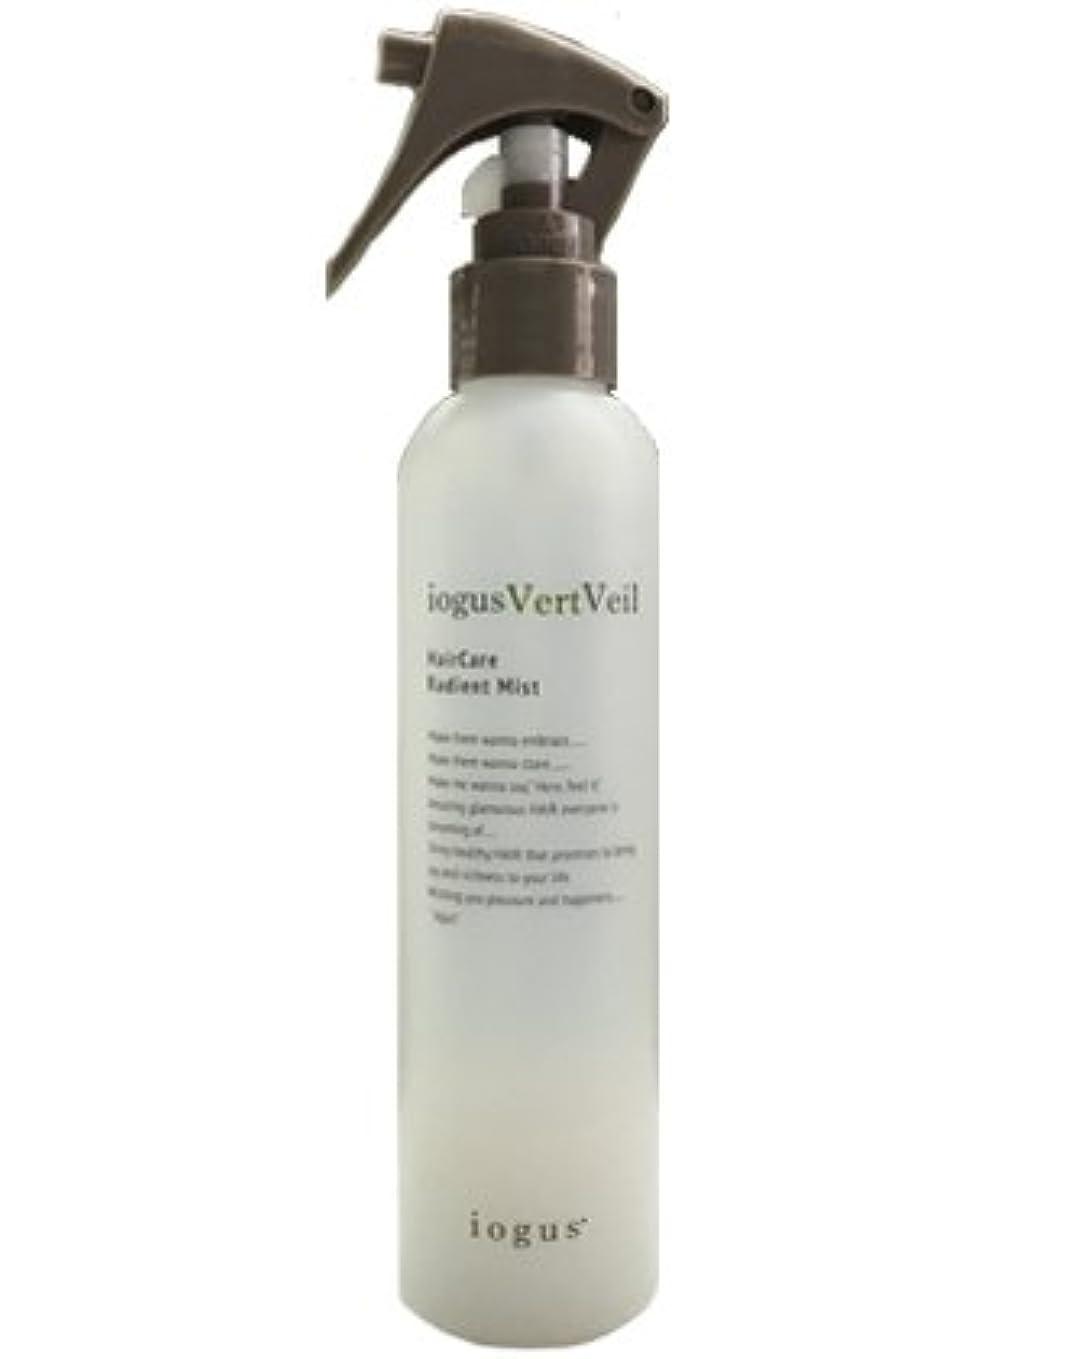 池明るい池イオグスヴェールヴェールミスト 200ml 美容室で大人気!芯のある髪にする導入型CMCミストが圧倒的な浸透力を実現!髪の内部までしっかり浸透し、ダメージホールを減少させ、艶やかでまとまりのある髪にします